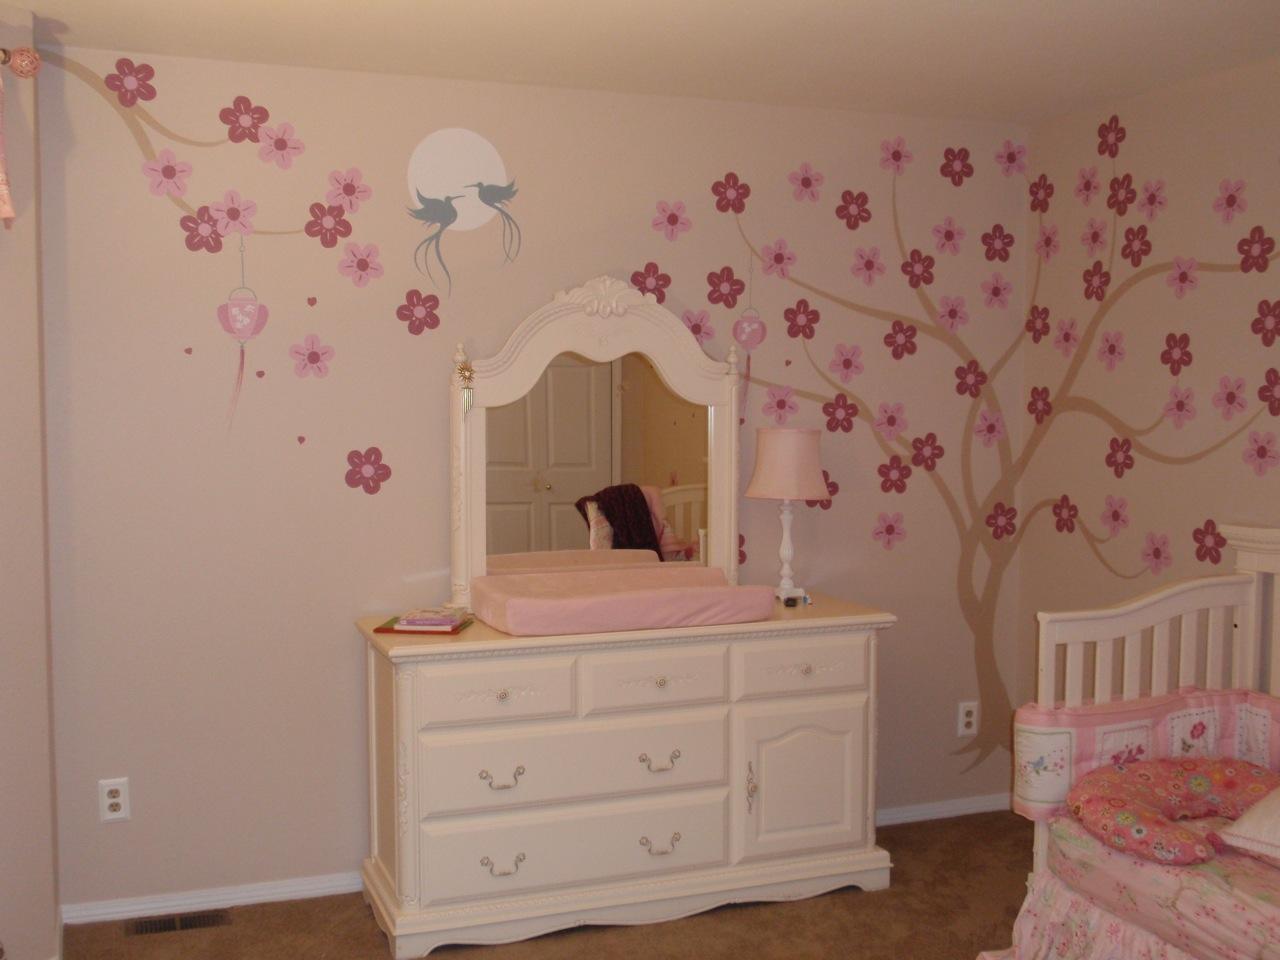 Blossom Tree Mural